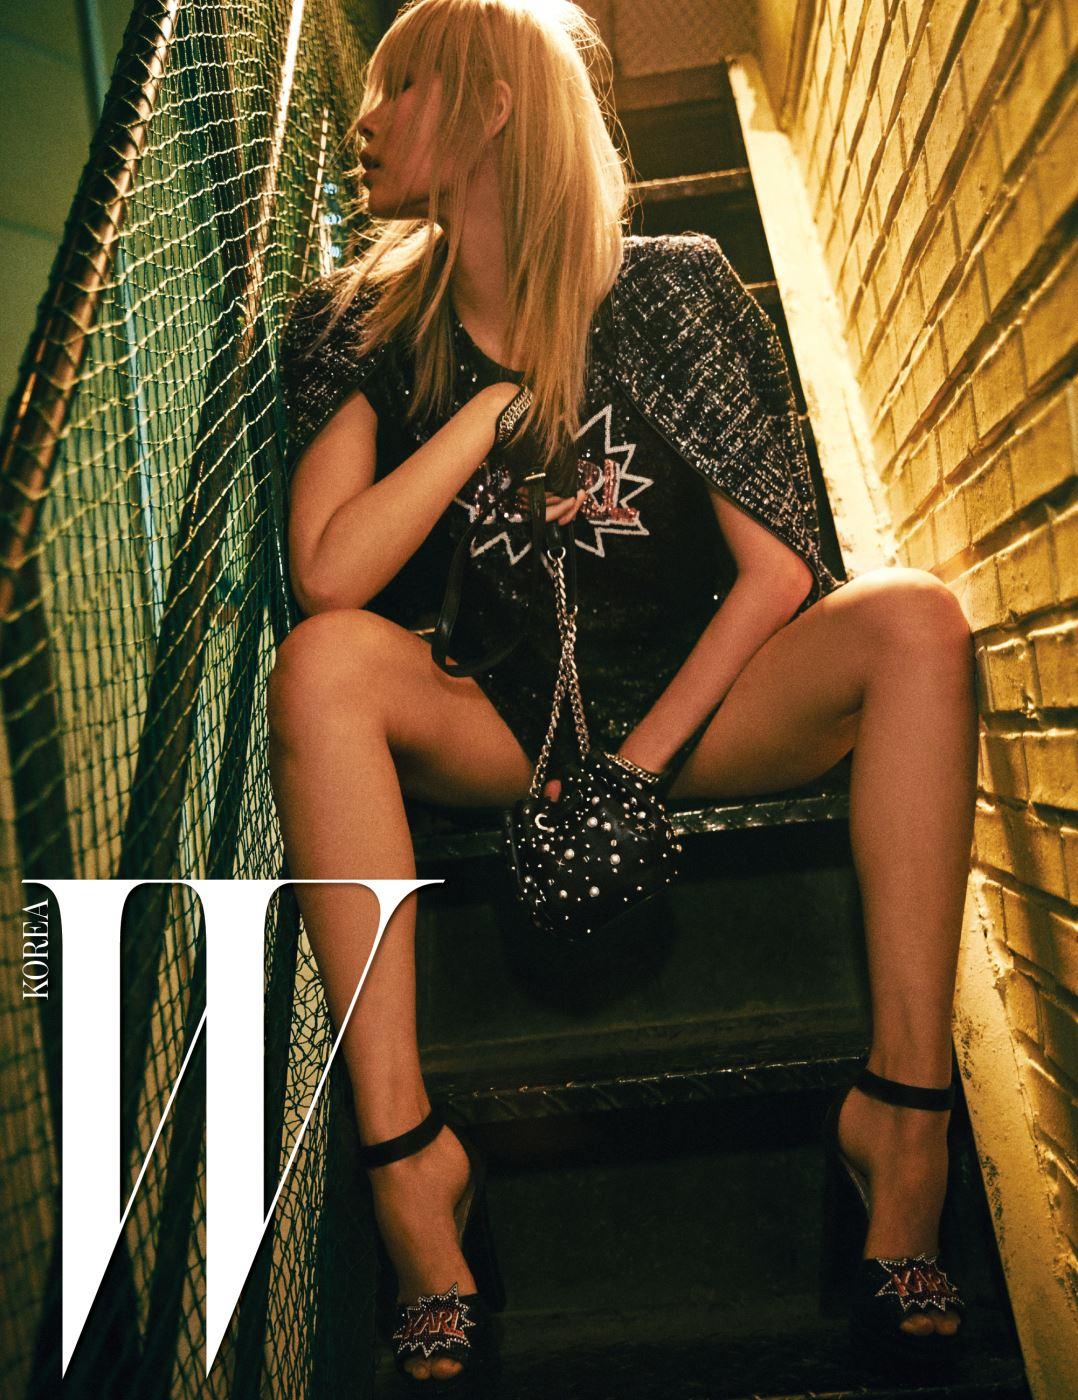 KARL 로고가 그려진 시퀸 장식의 미니 드레스, 어깨에 걸친 트위드 재킷, 반짝이는 플랫폼 샌들, 스터드 장식의 미니 버킷백, 체인 장식 장갑은 모두 Karl Lagerfeld 제품.